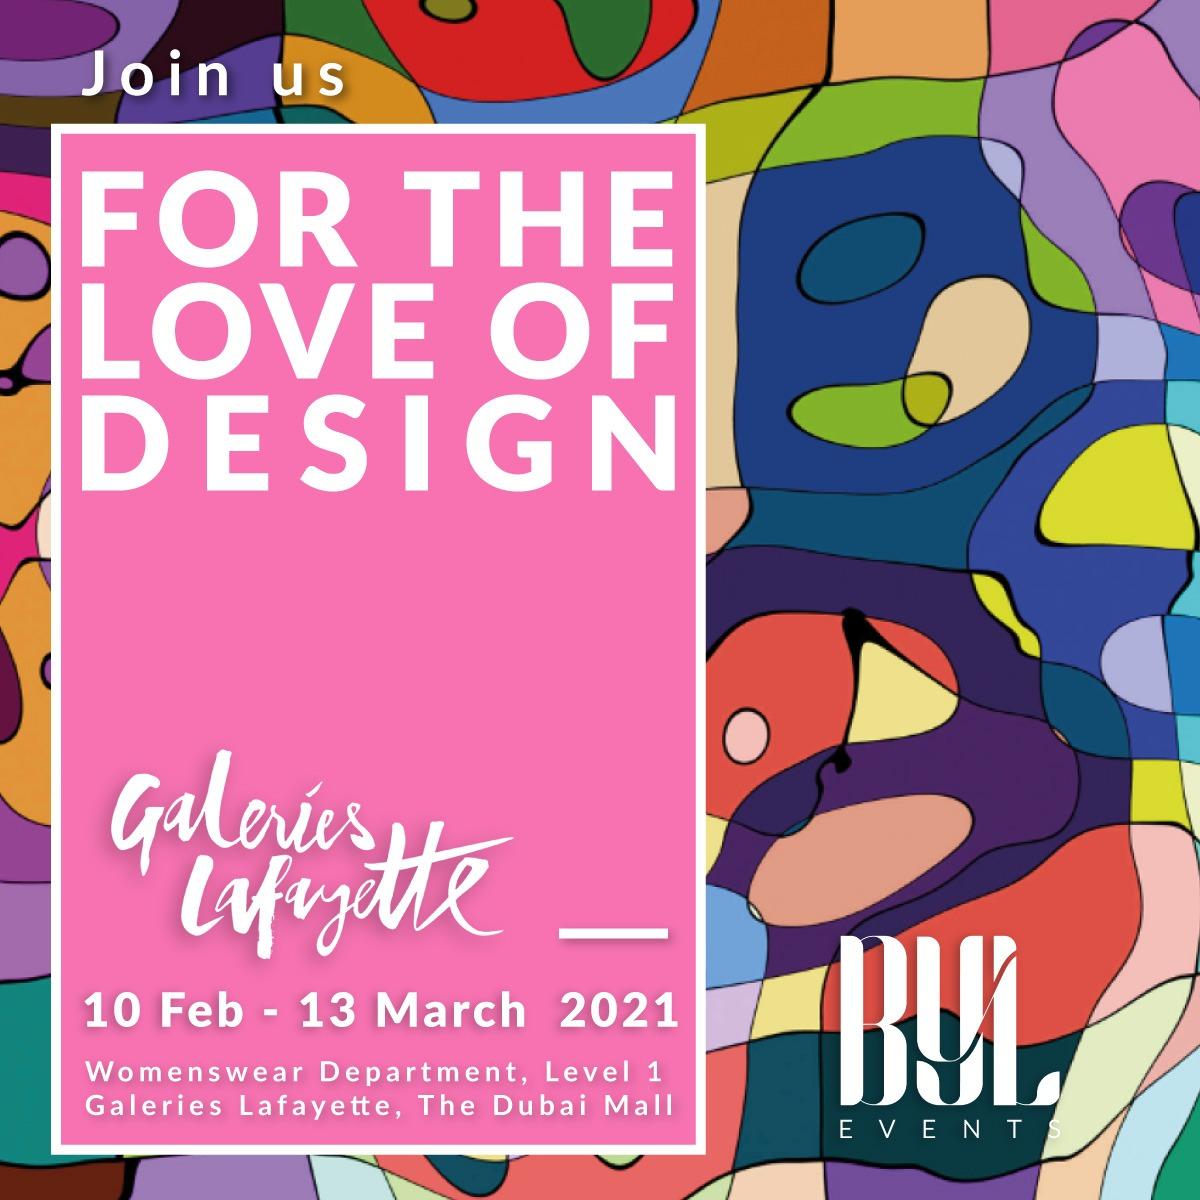 """""""For The Love of Design"""" دعماً للمصممين اللبنانيين والعرب في دبي!  وأكثر من خمسين مبدع يجتمعون في """"غاليري لا فاييت"""""""